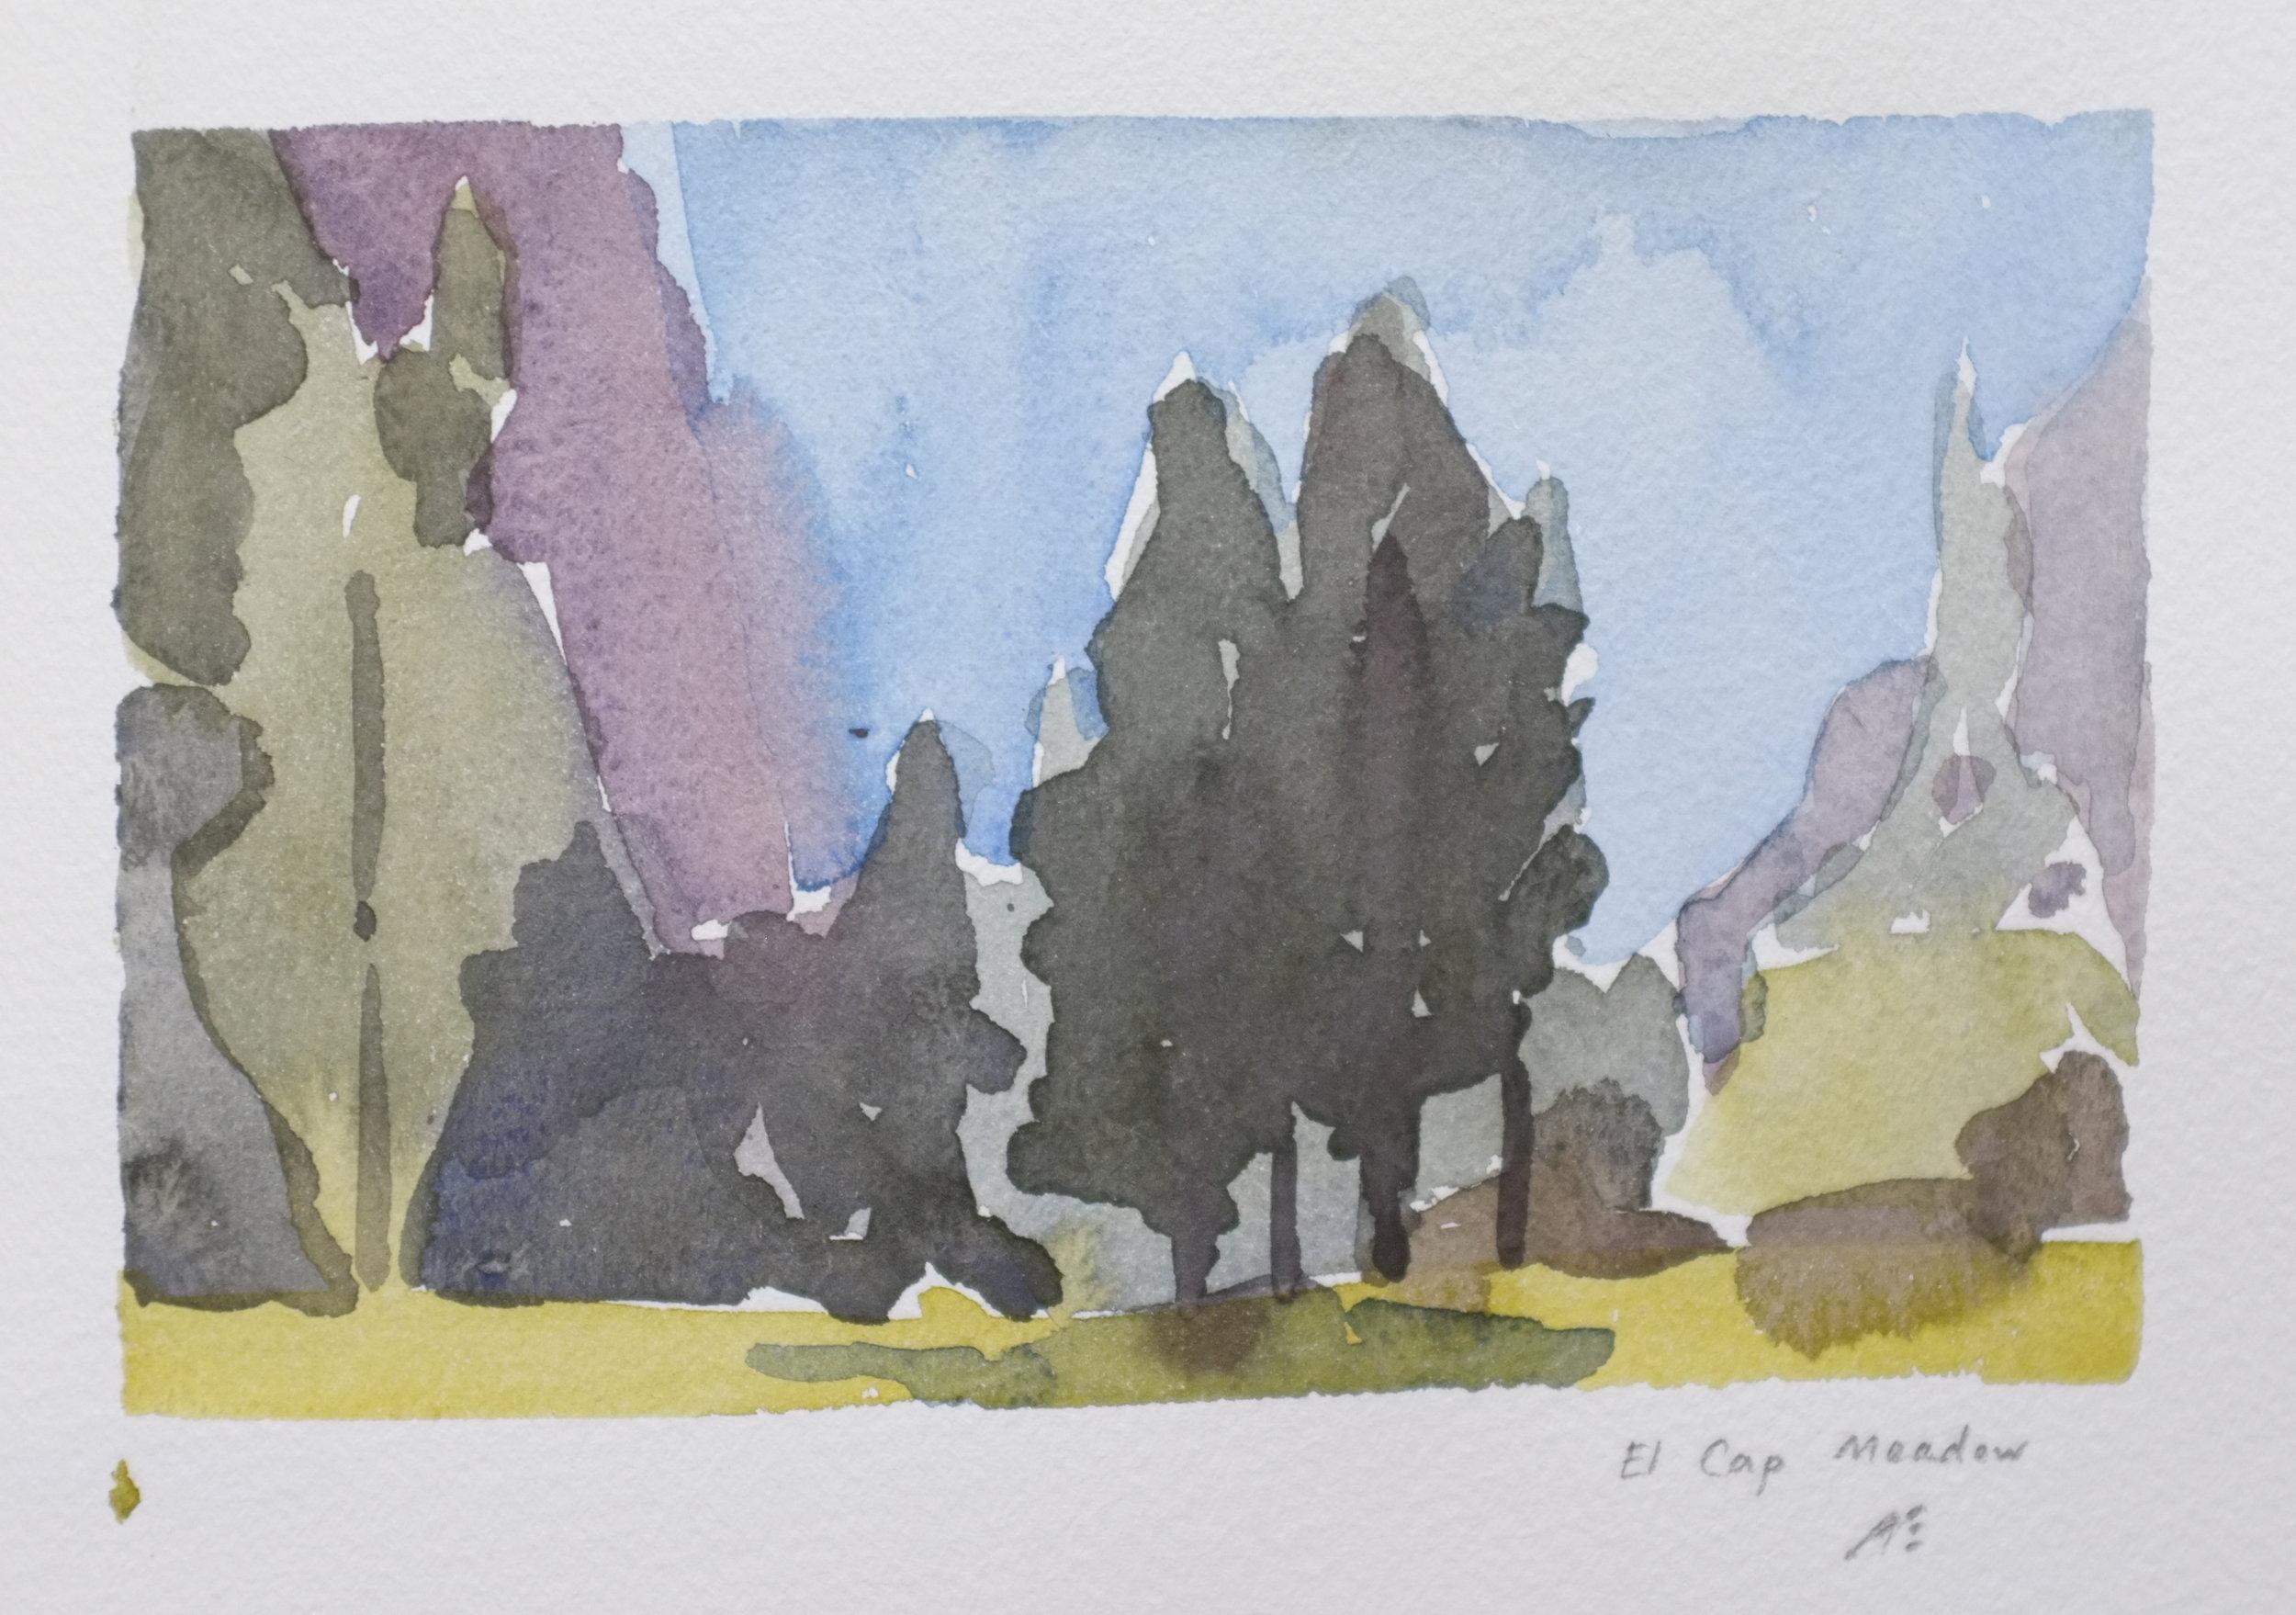 El Cap Meadow